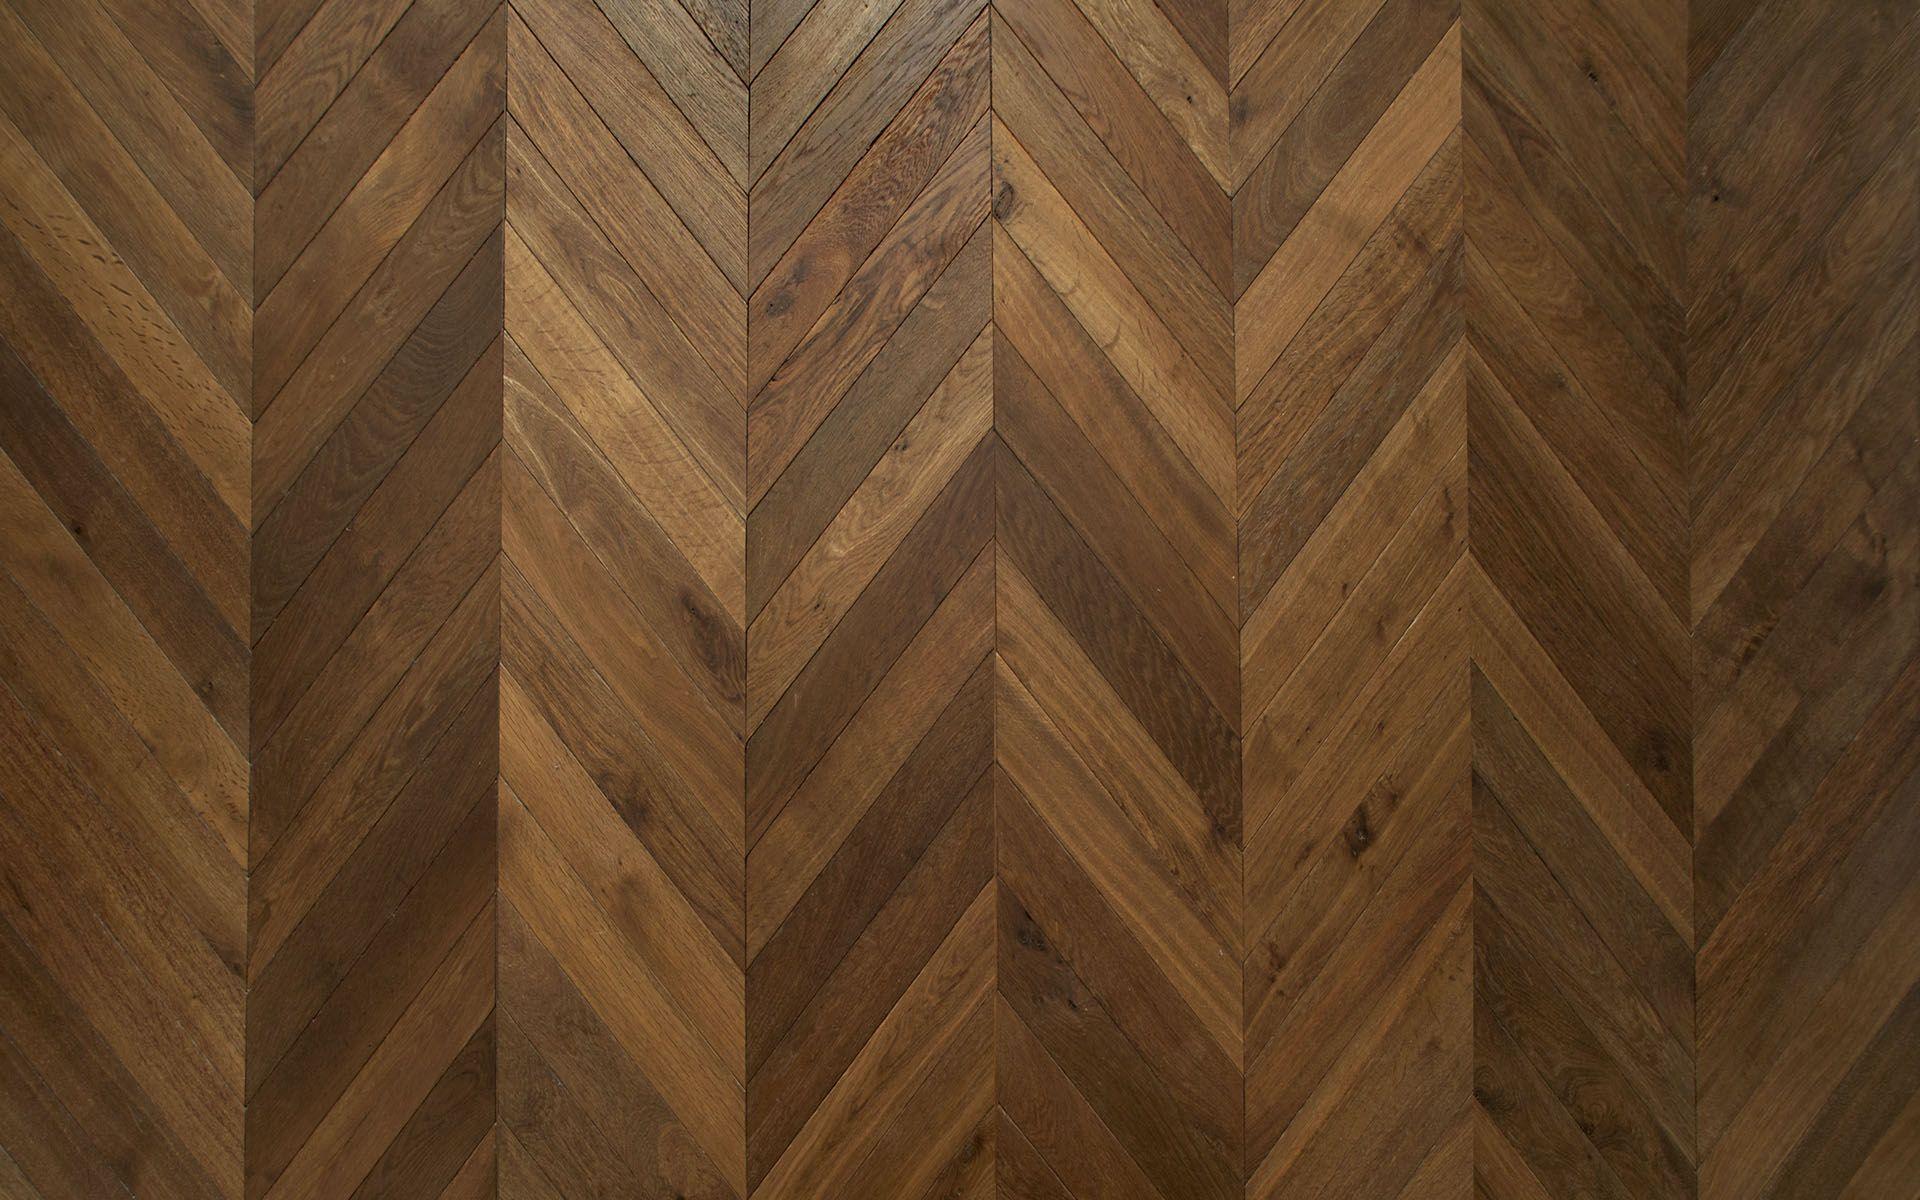 Herringbone Pattern Wood Floor Herringbone Wood Floor